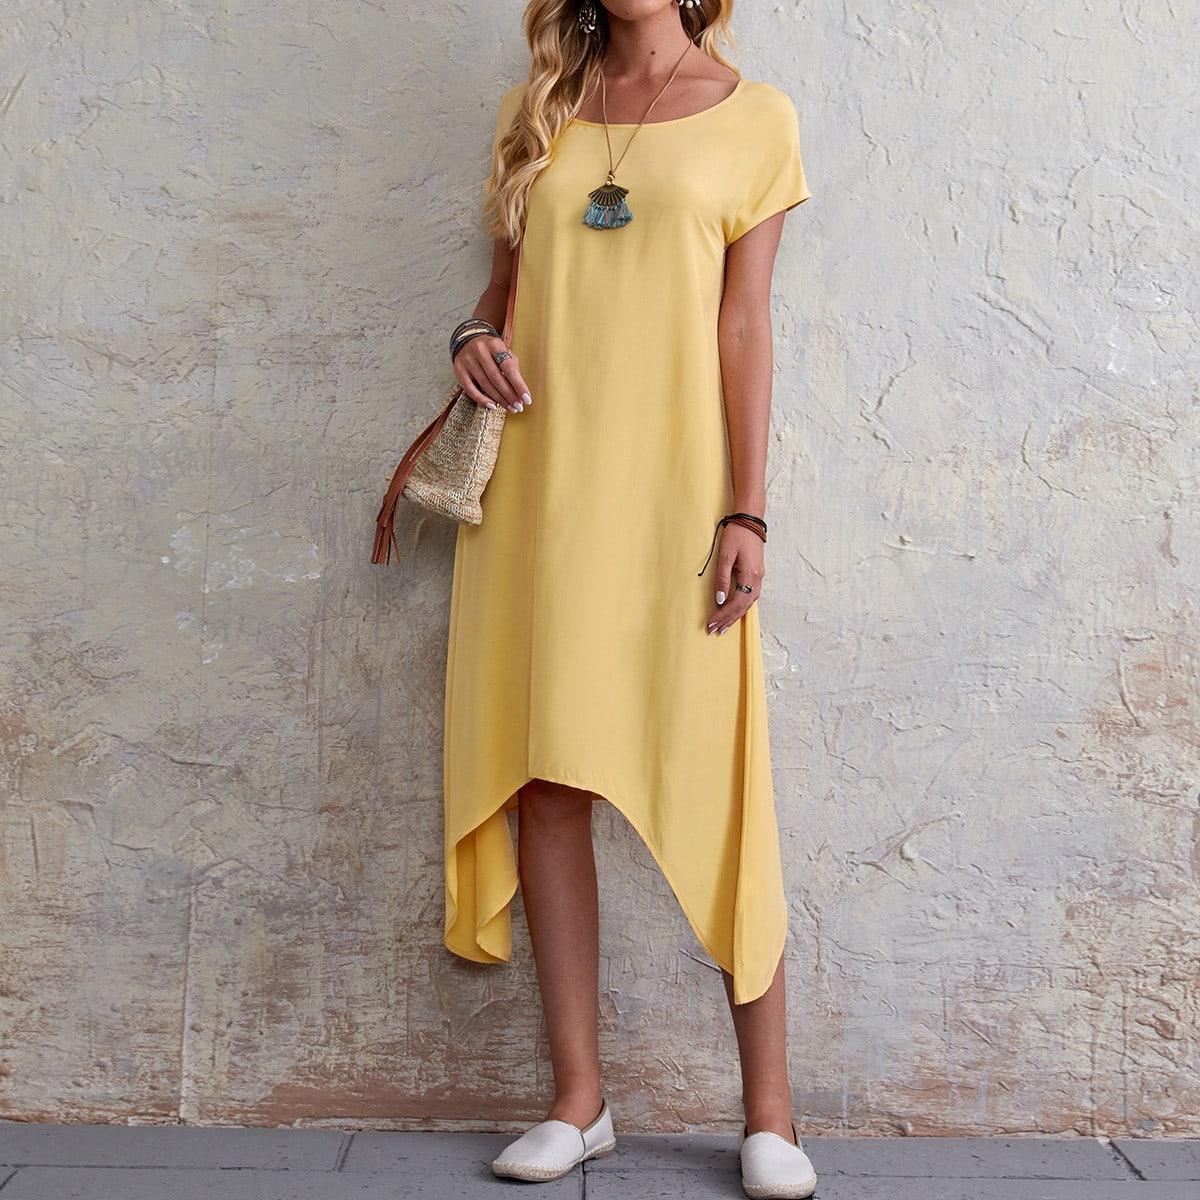 Асимметричный Одноцветный Повседневный Платье